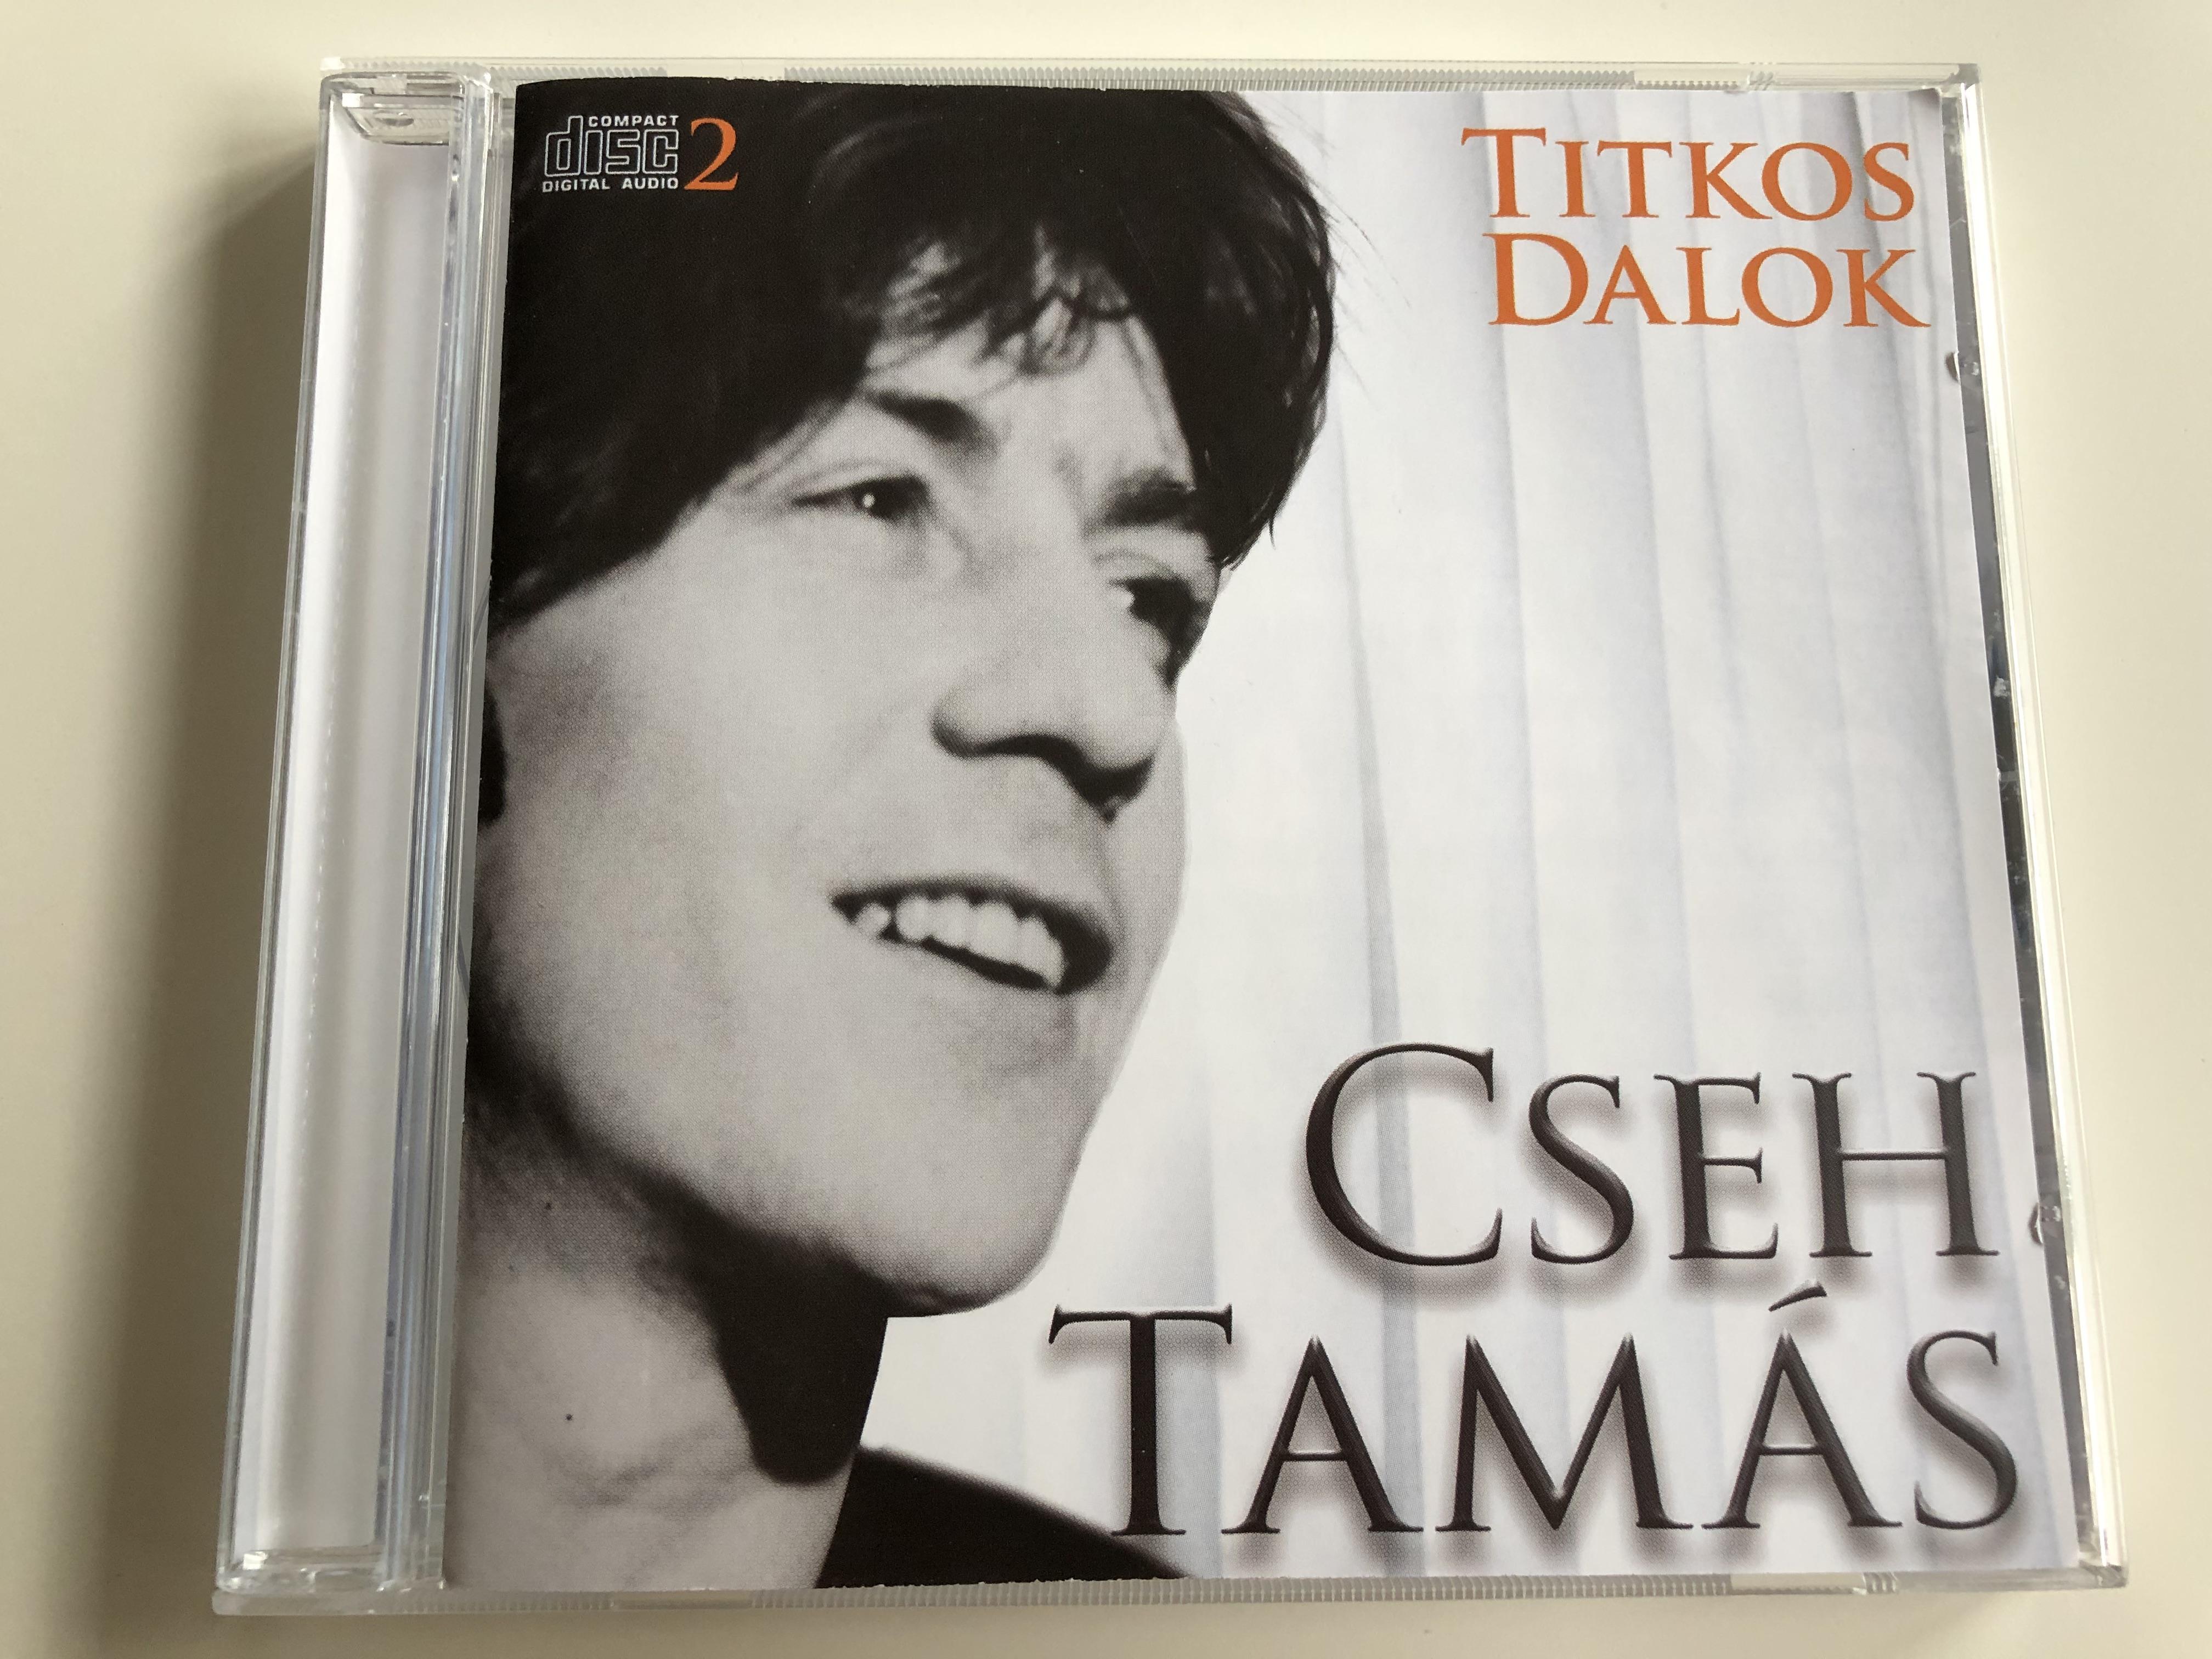 cseh-tam-s-titkos-dalok-2-az-ellenkult-ra-helyett-lee-van-cliff-ana-b-szisz-pet-fi-hal-la-shakespeare-az-cska-cip-audio-cd-2009-mirax-1-.jpg